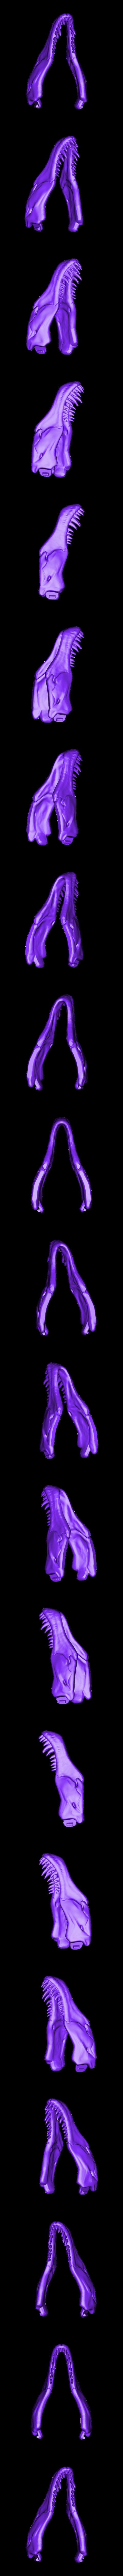 TRex_Jaw.stl Télécharger fichier STL gratuit T-Rex Skeleton - Leo Burton Mount • Objet à imprimer en 3D, LordLilapause